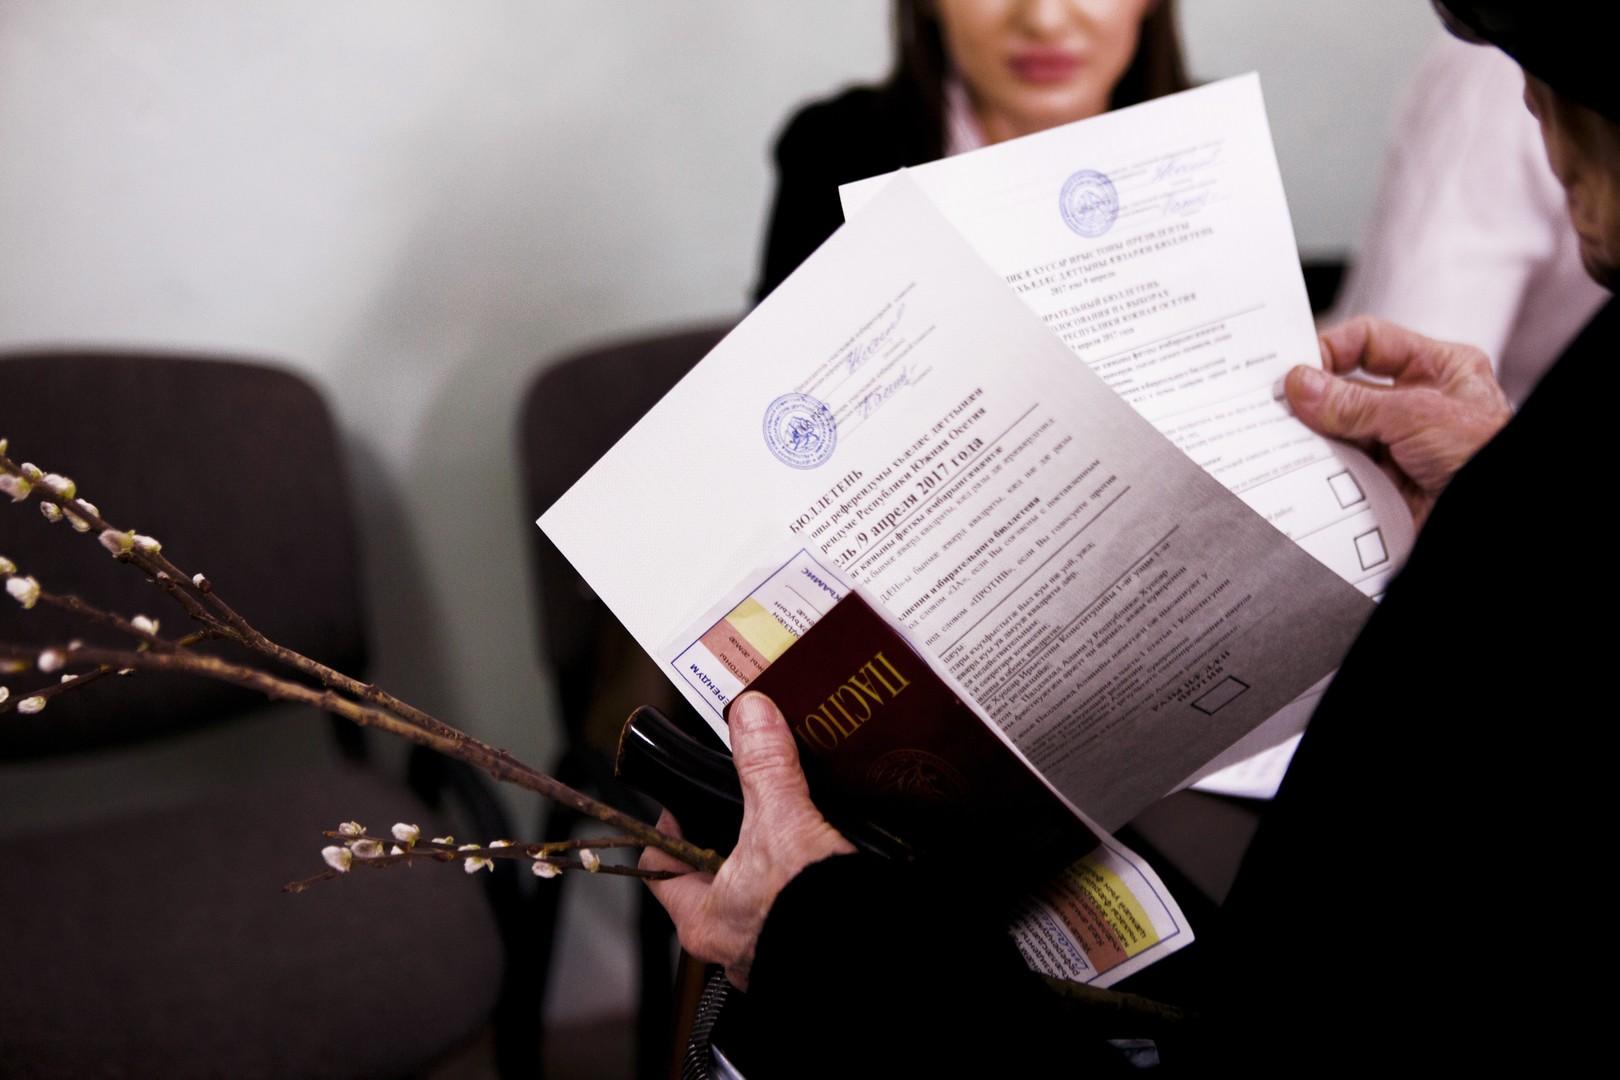 ЦИК: за переименование Южной Осетии в Аланию проголосовали почти 80% избирателей